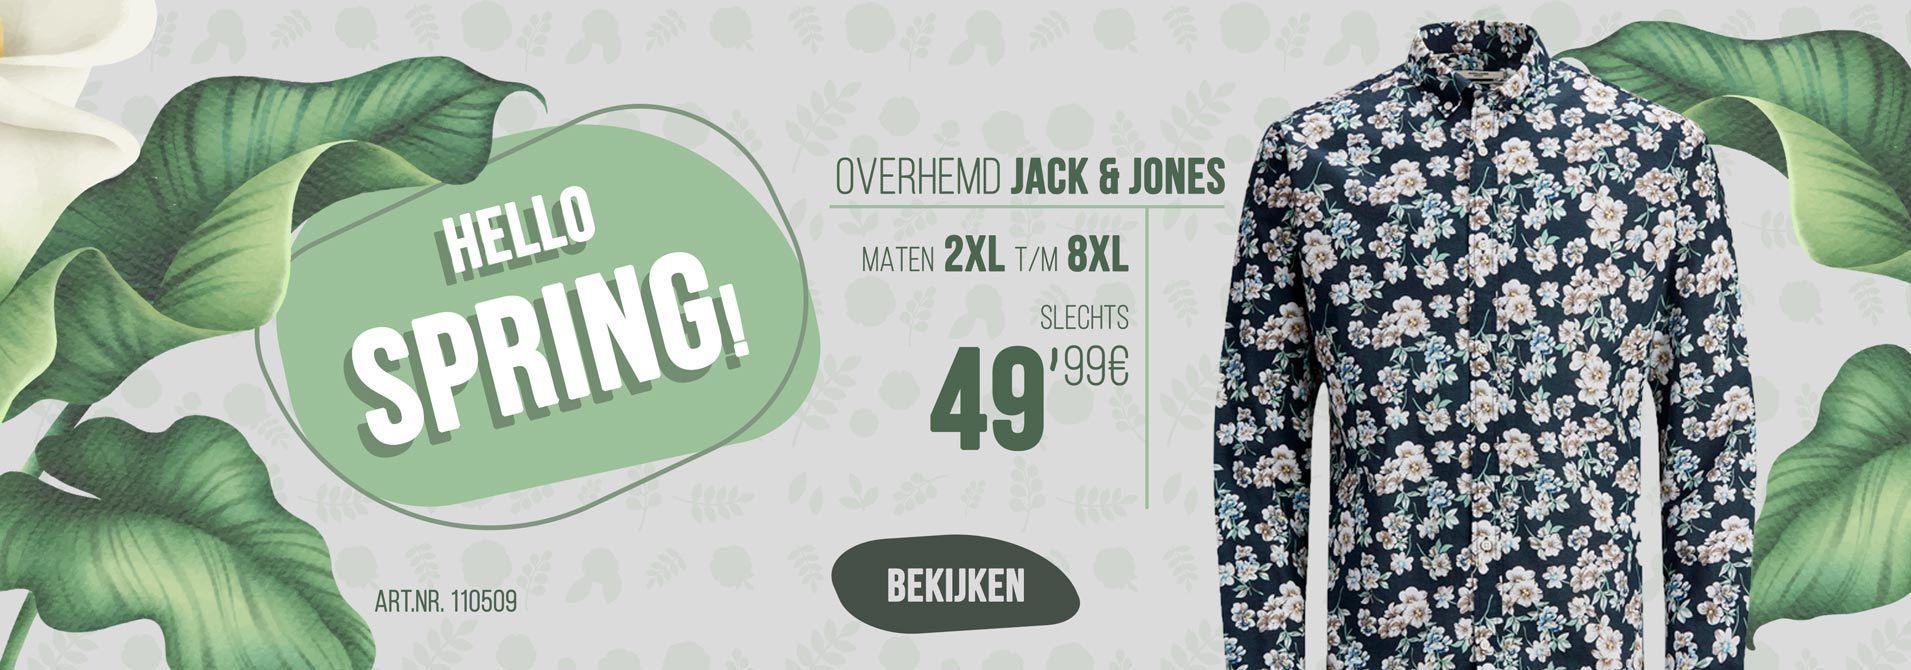 Bedrukt overhemd van Jack & Jones.